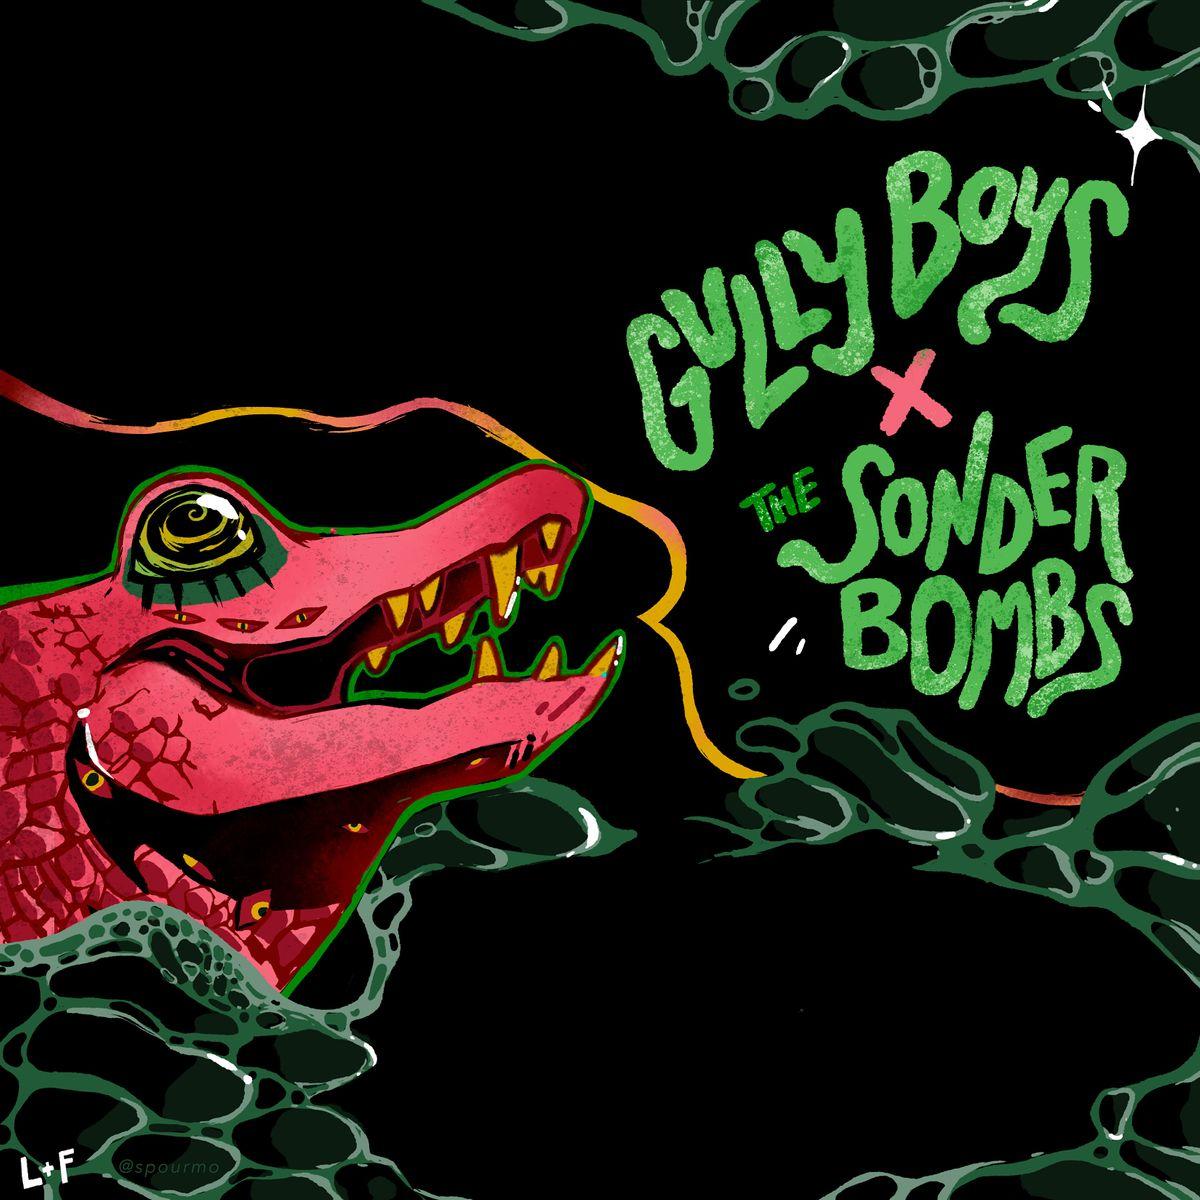 The Sonder Bombs x Gully Boys